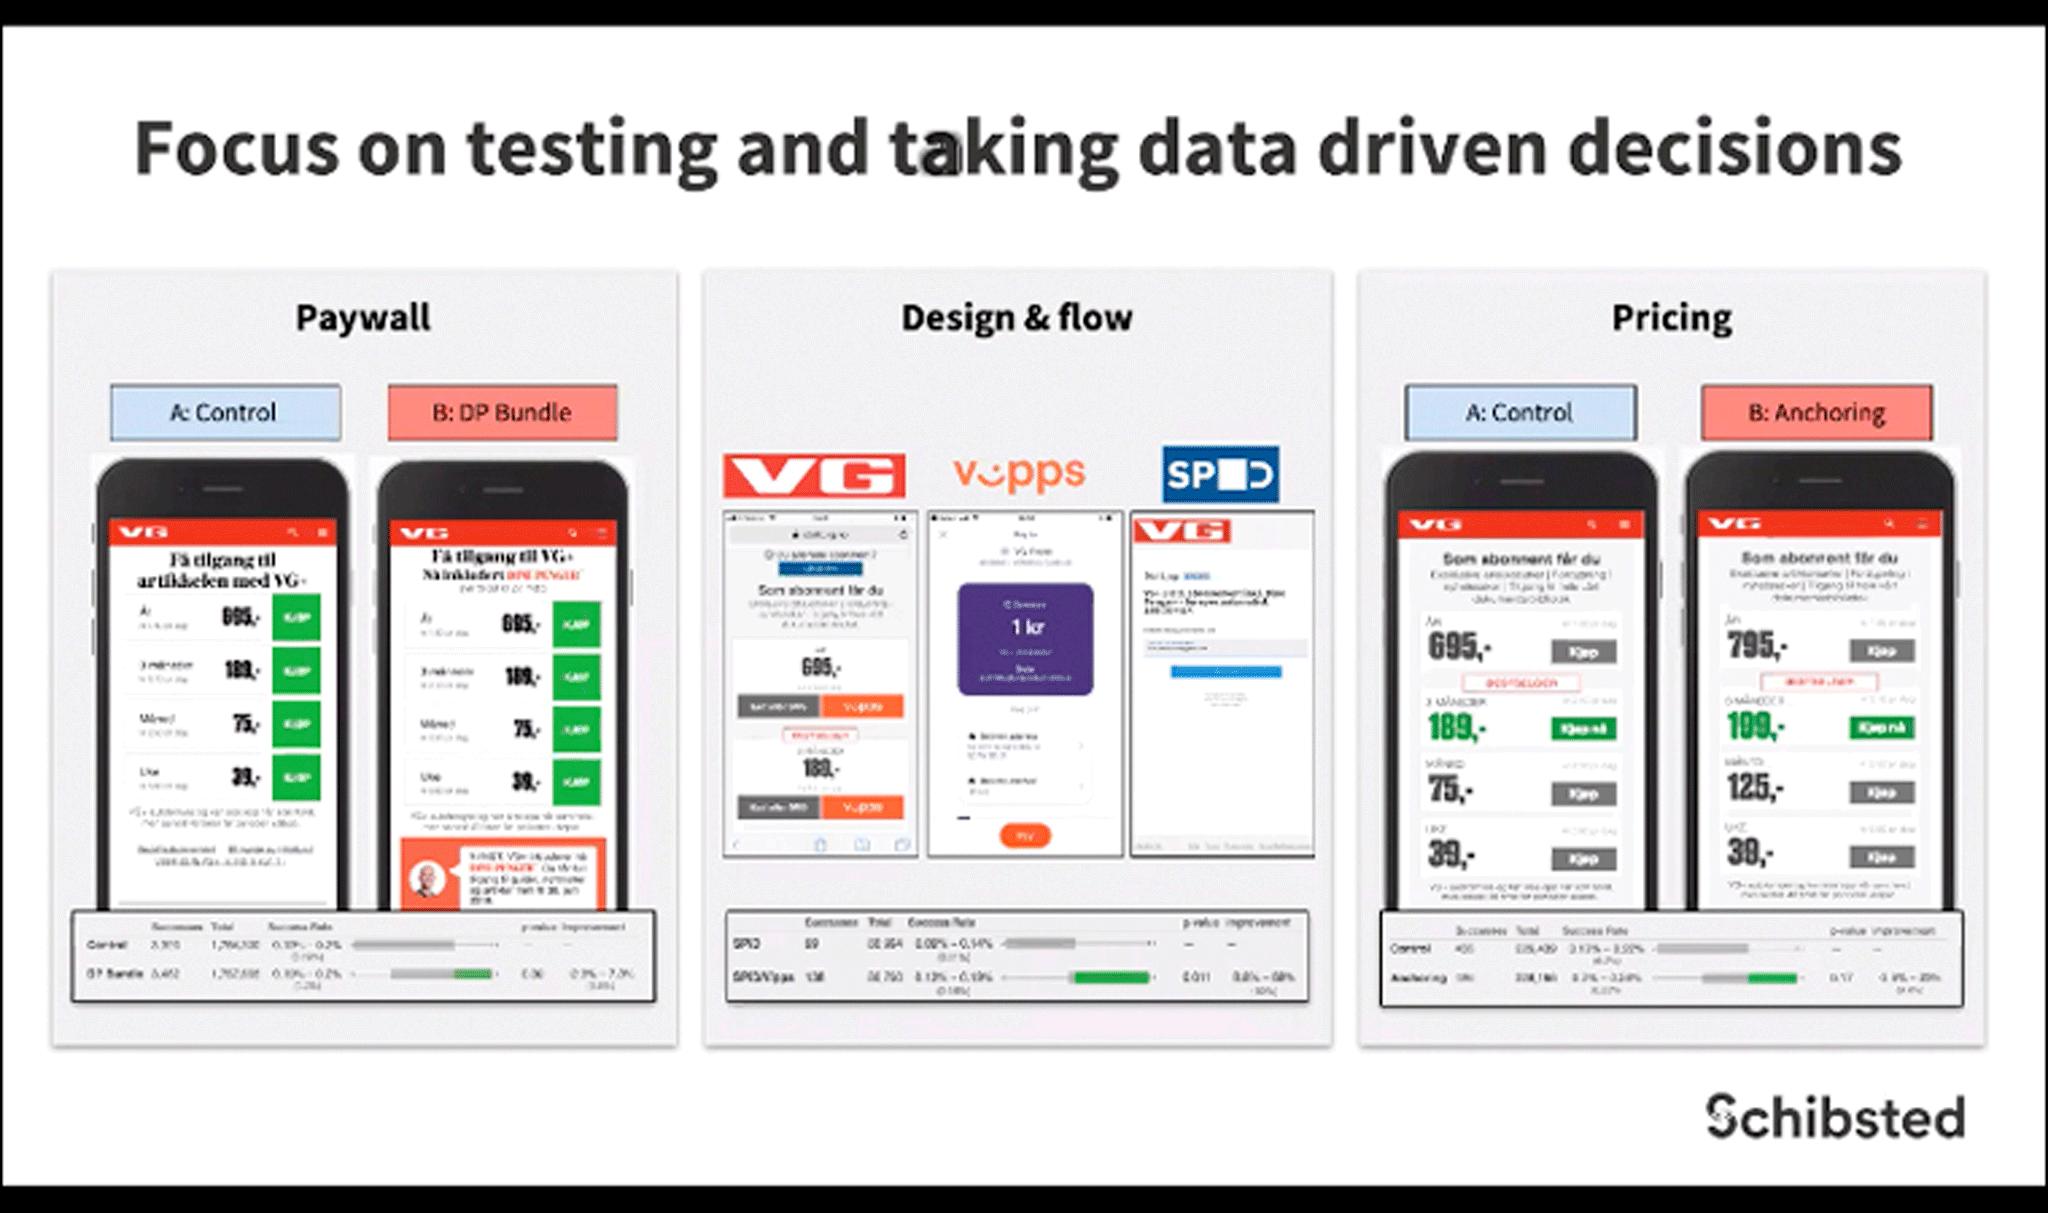 Schibsted тщательно анализирует данные и аудиторию, прежде чем принять какое‑то конкретное решение